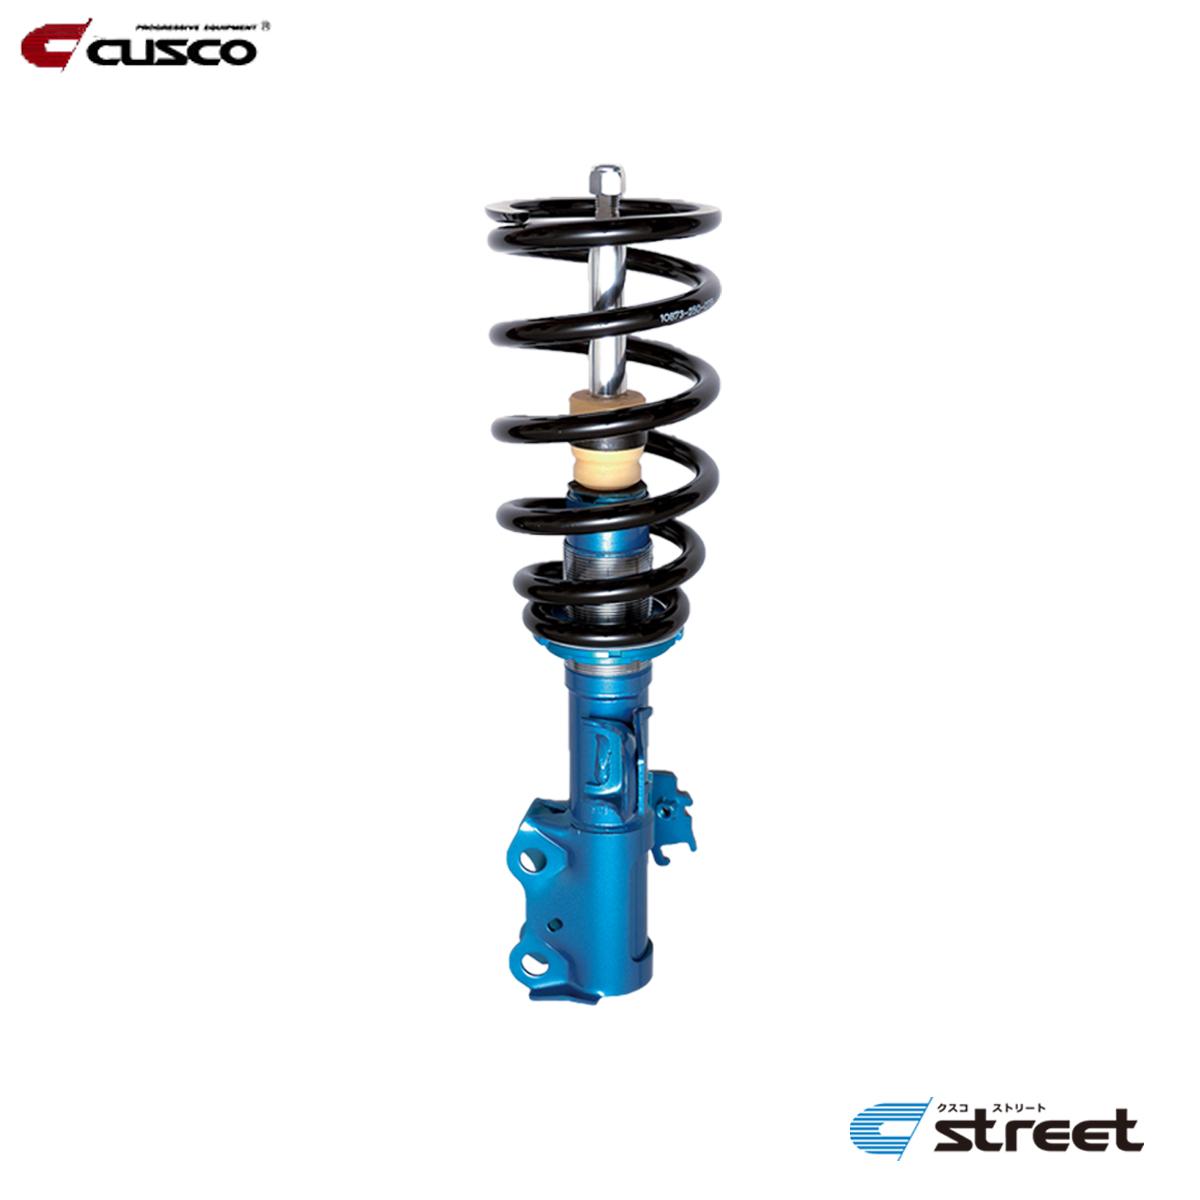 CUSCO クスコ スイフト ZC11S 車高調 全長固定式 616-62K-CBA